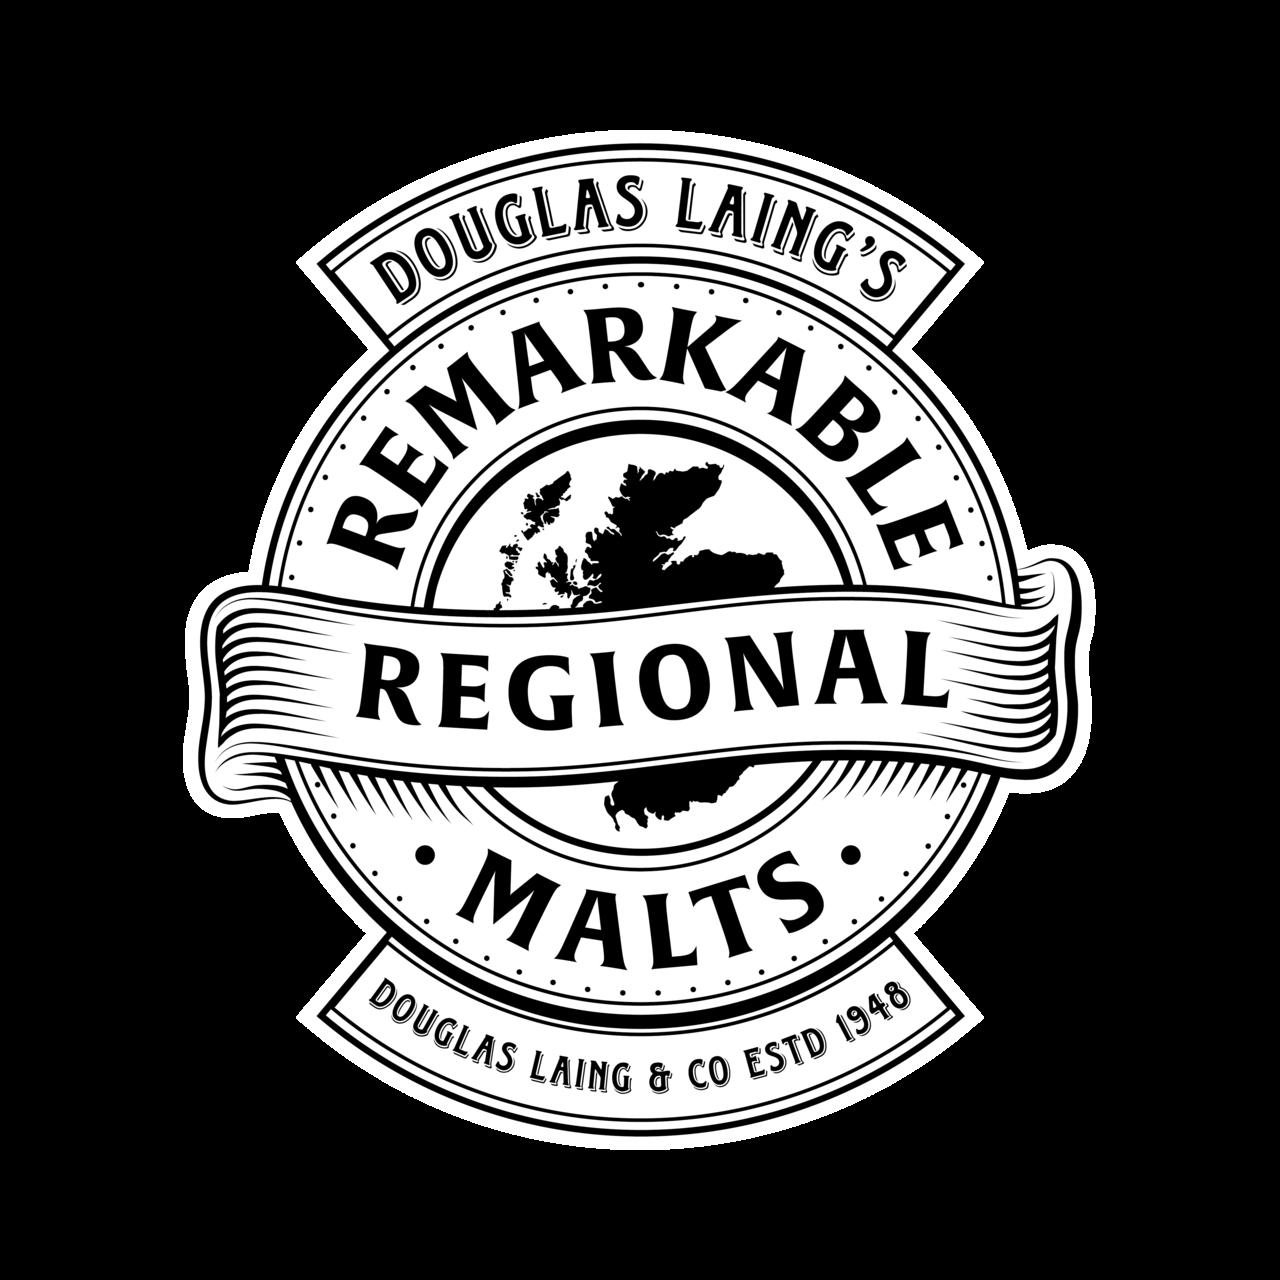 REMARKABLE REGIONAL MALTS